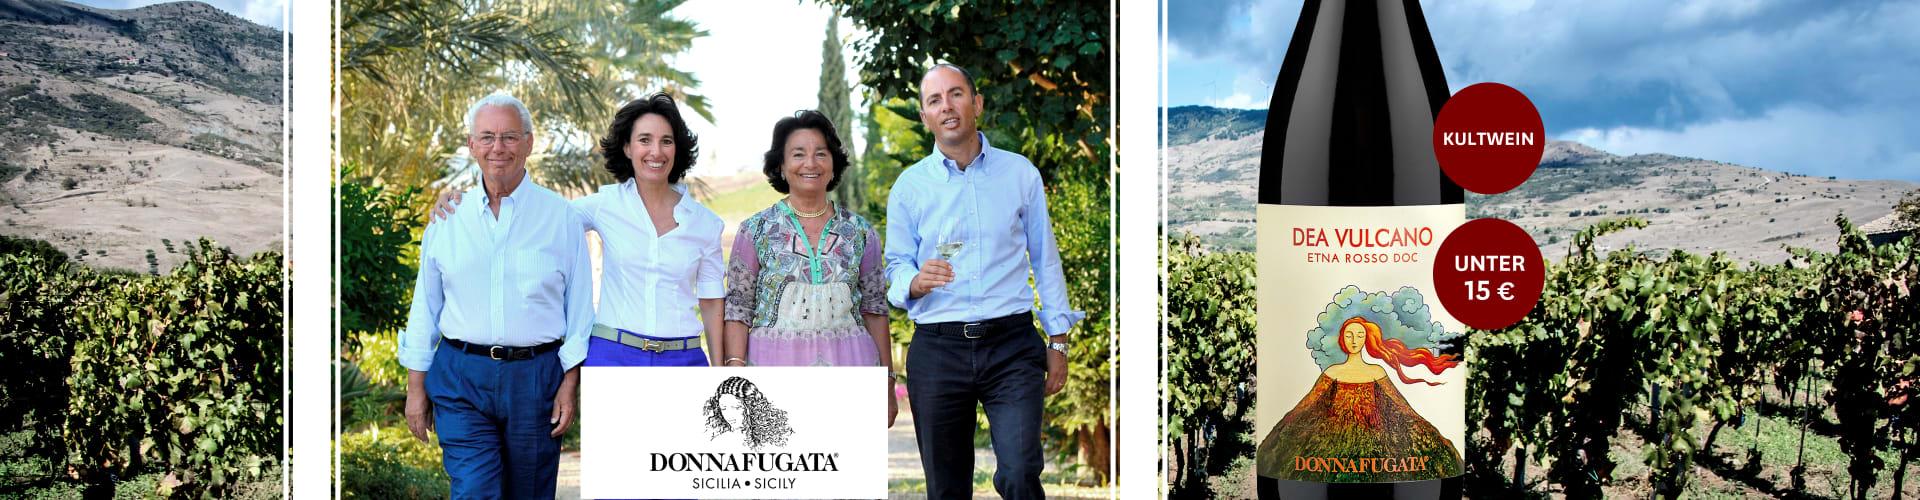 Die Rallo-Familie vom Weingut Donnafugata im Grünen